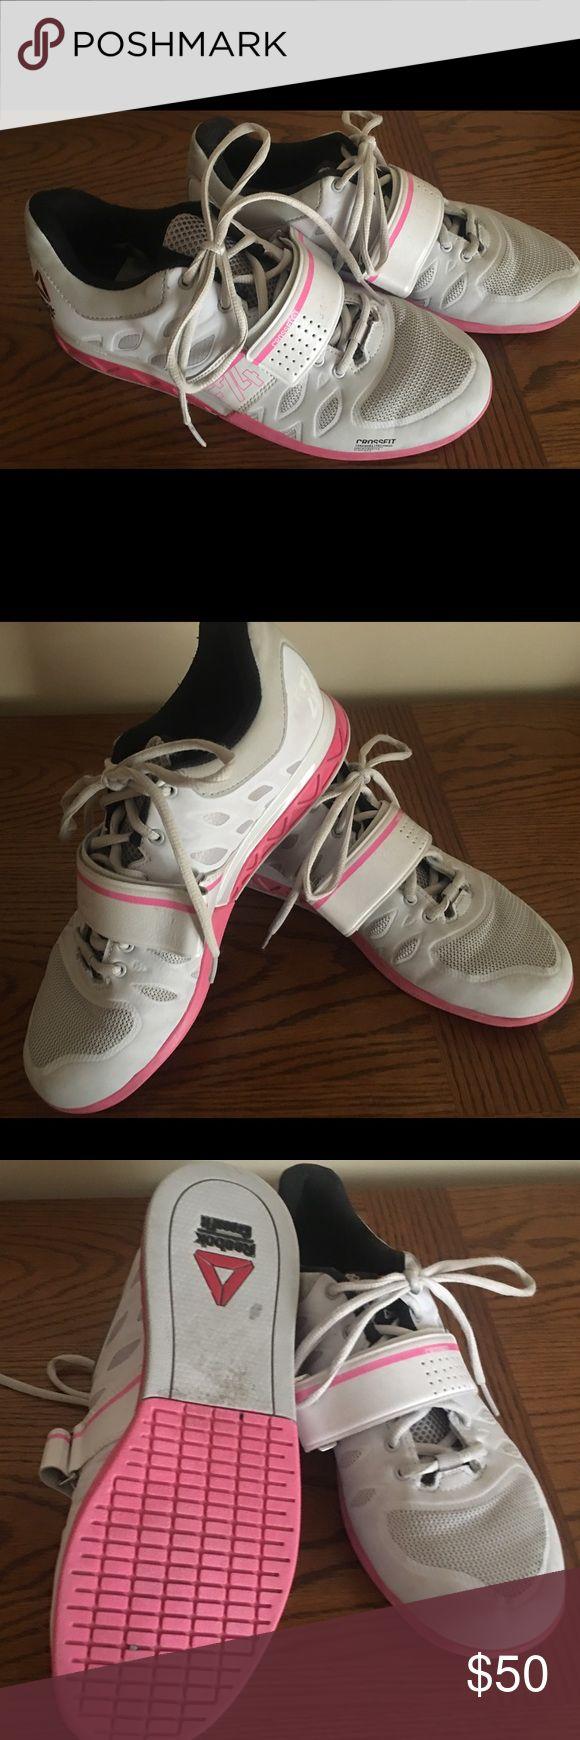 Ladies Reebok Crossfit weightlifting shoes Sz 9 Like new Reebok Crossfit weightlifting shoes. Only worn 4 mos Reebok Shoes Athletic Shoes